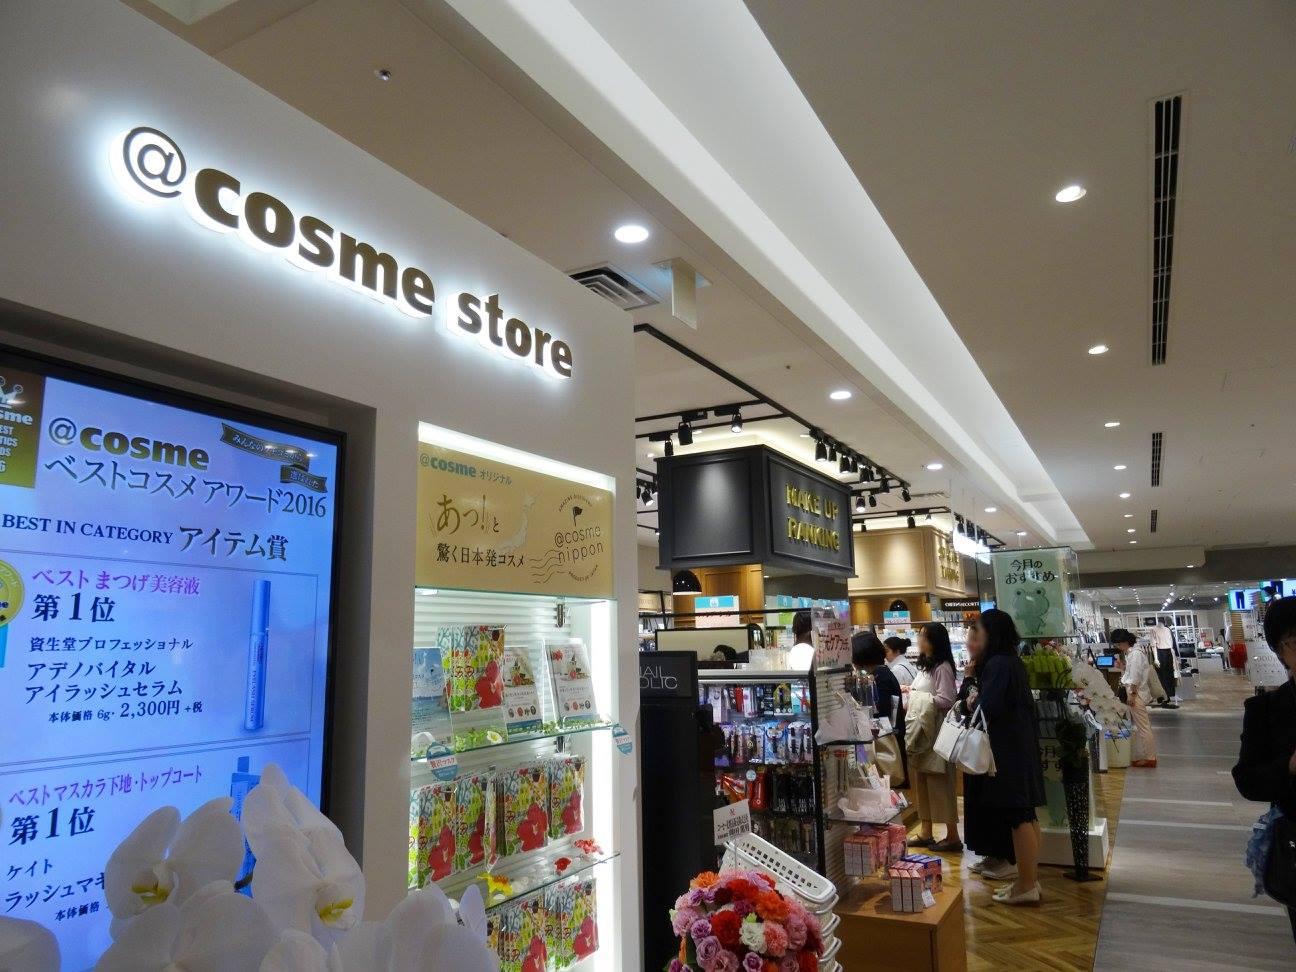 4月17日オープン!『タカシマヤ ゲートタワーモール』の見どころをご紹介! - takashimaya21